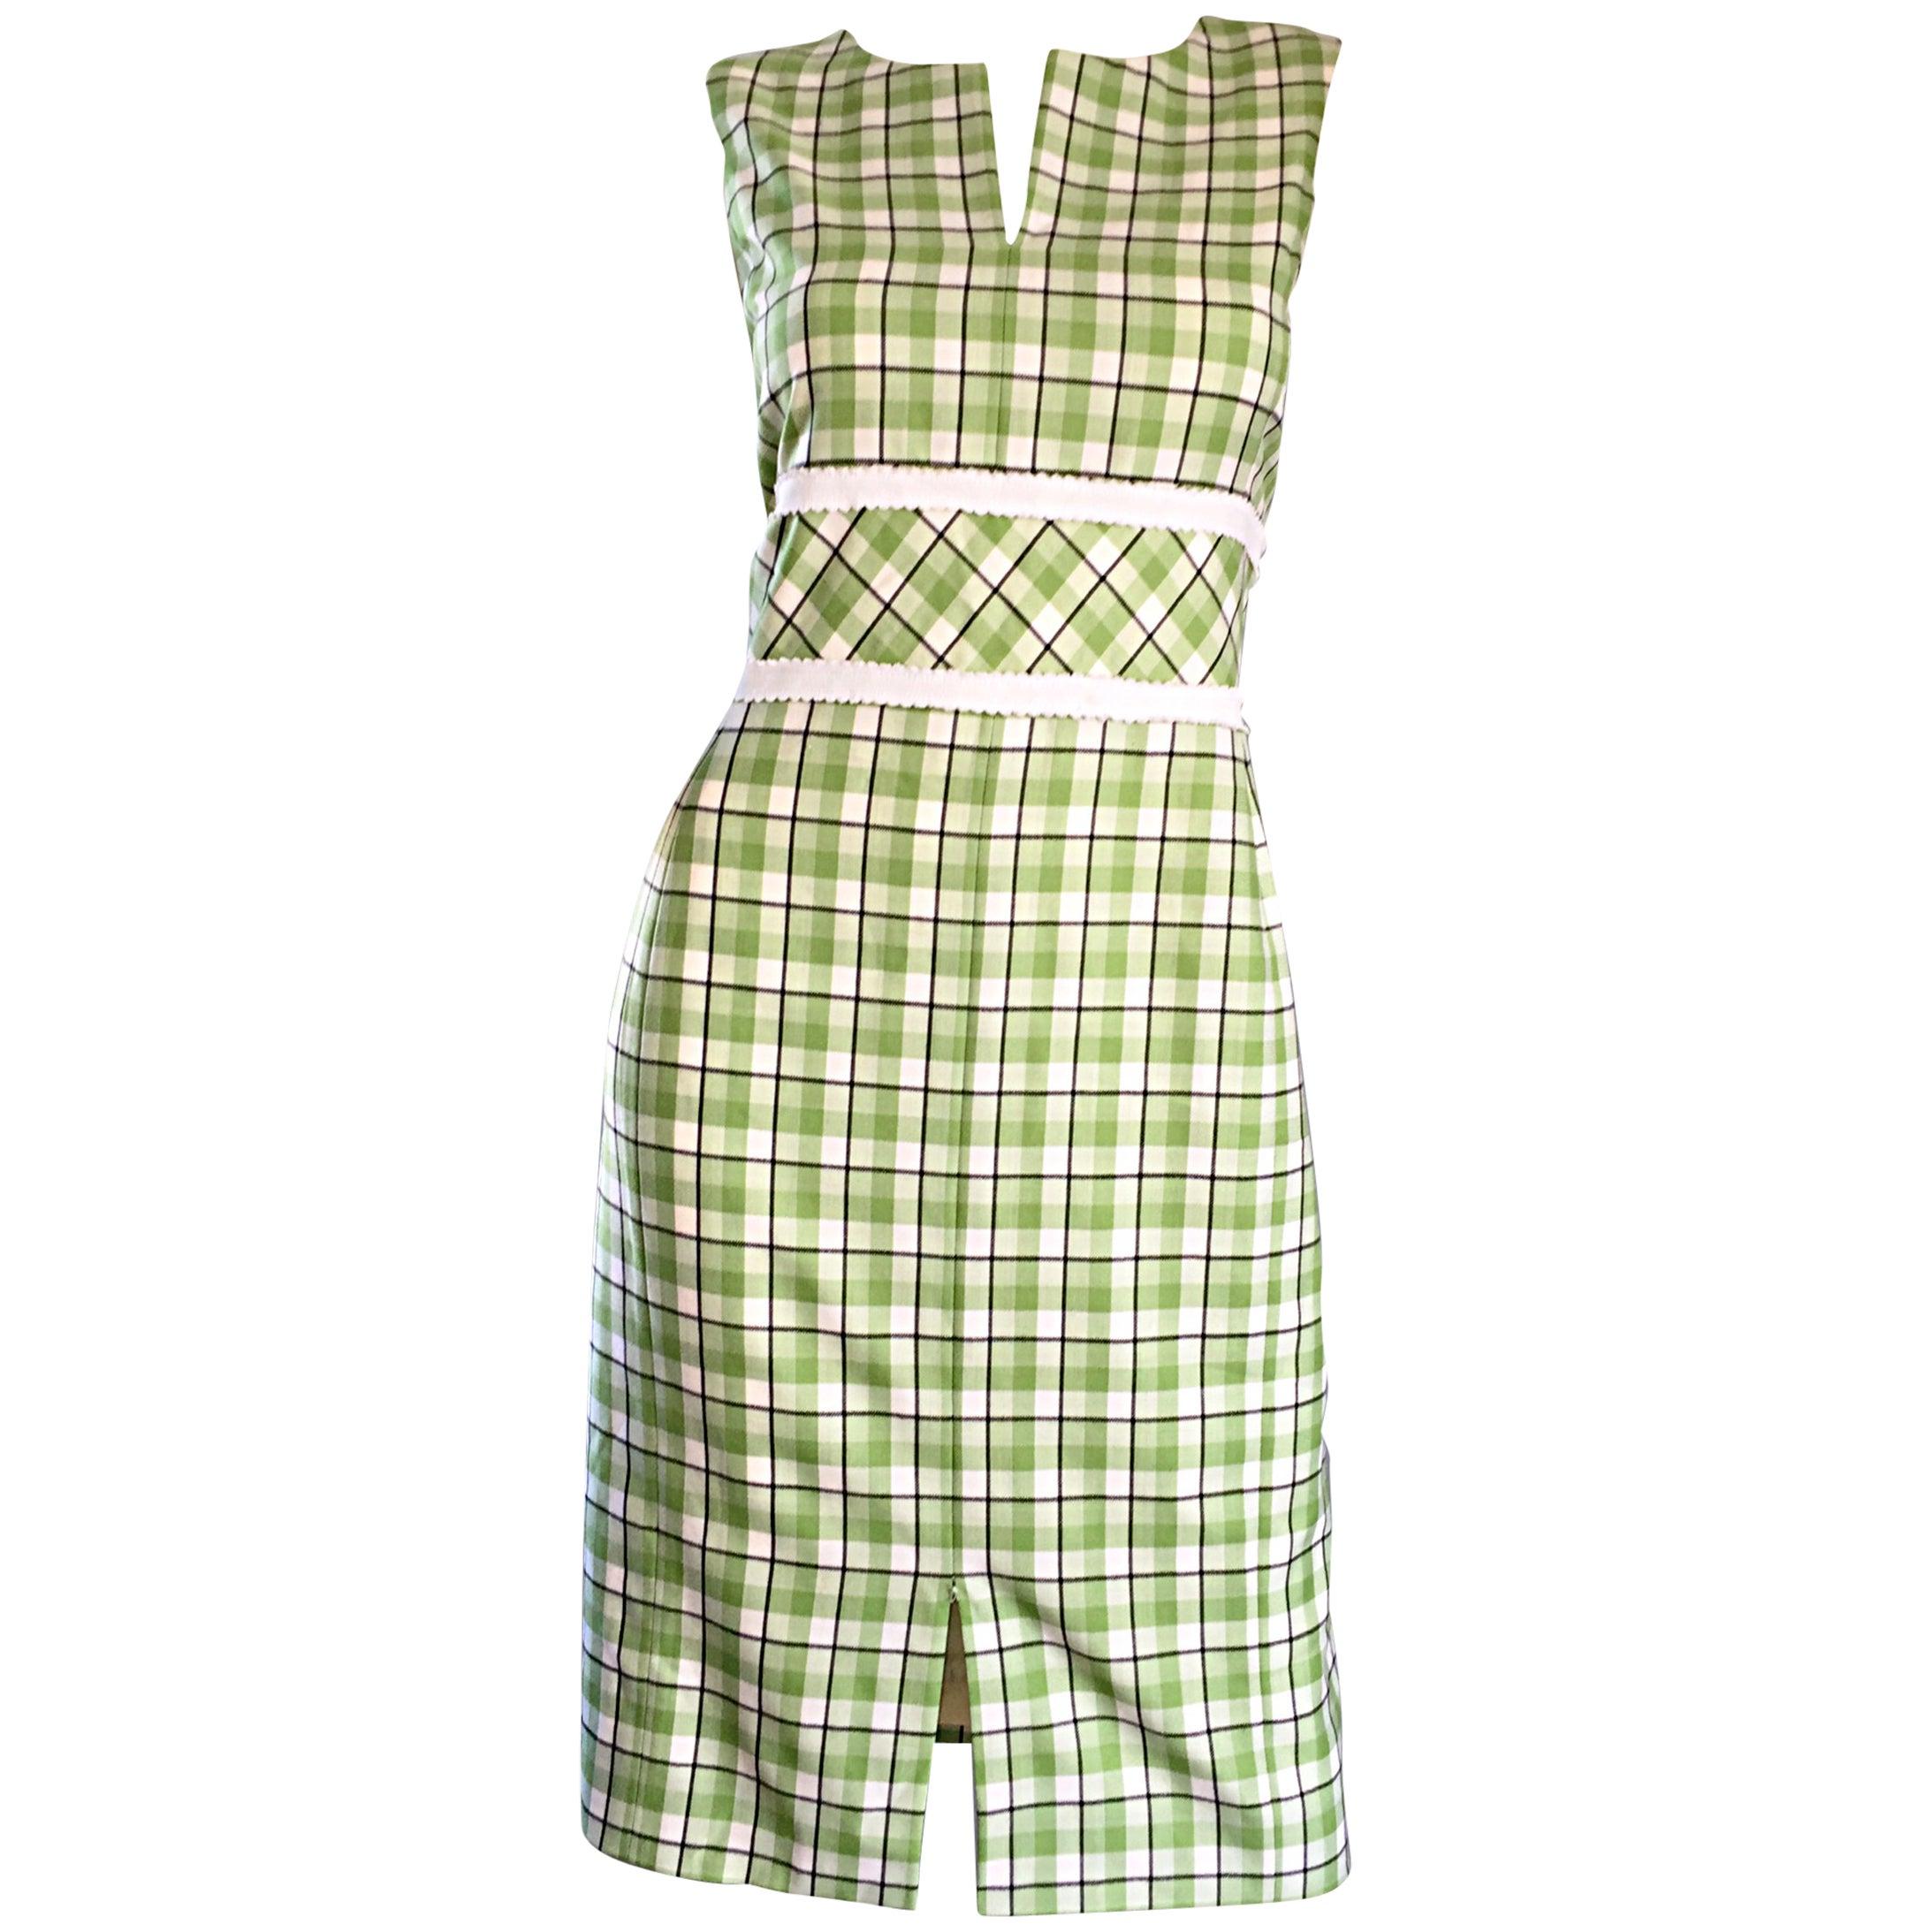 Oscar de La Renta Size 6 / 8 Saks 5th Ave Green + White Checkered Plaid Dress